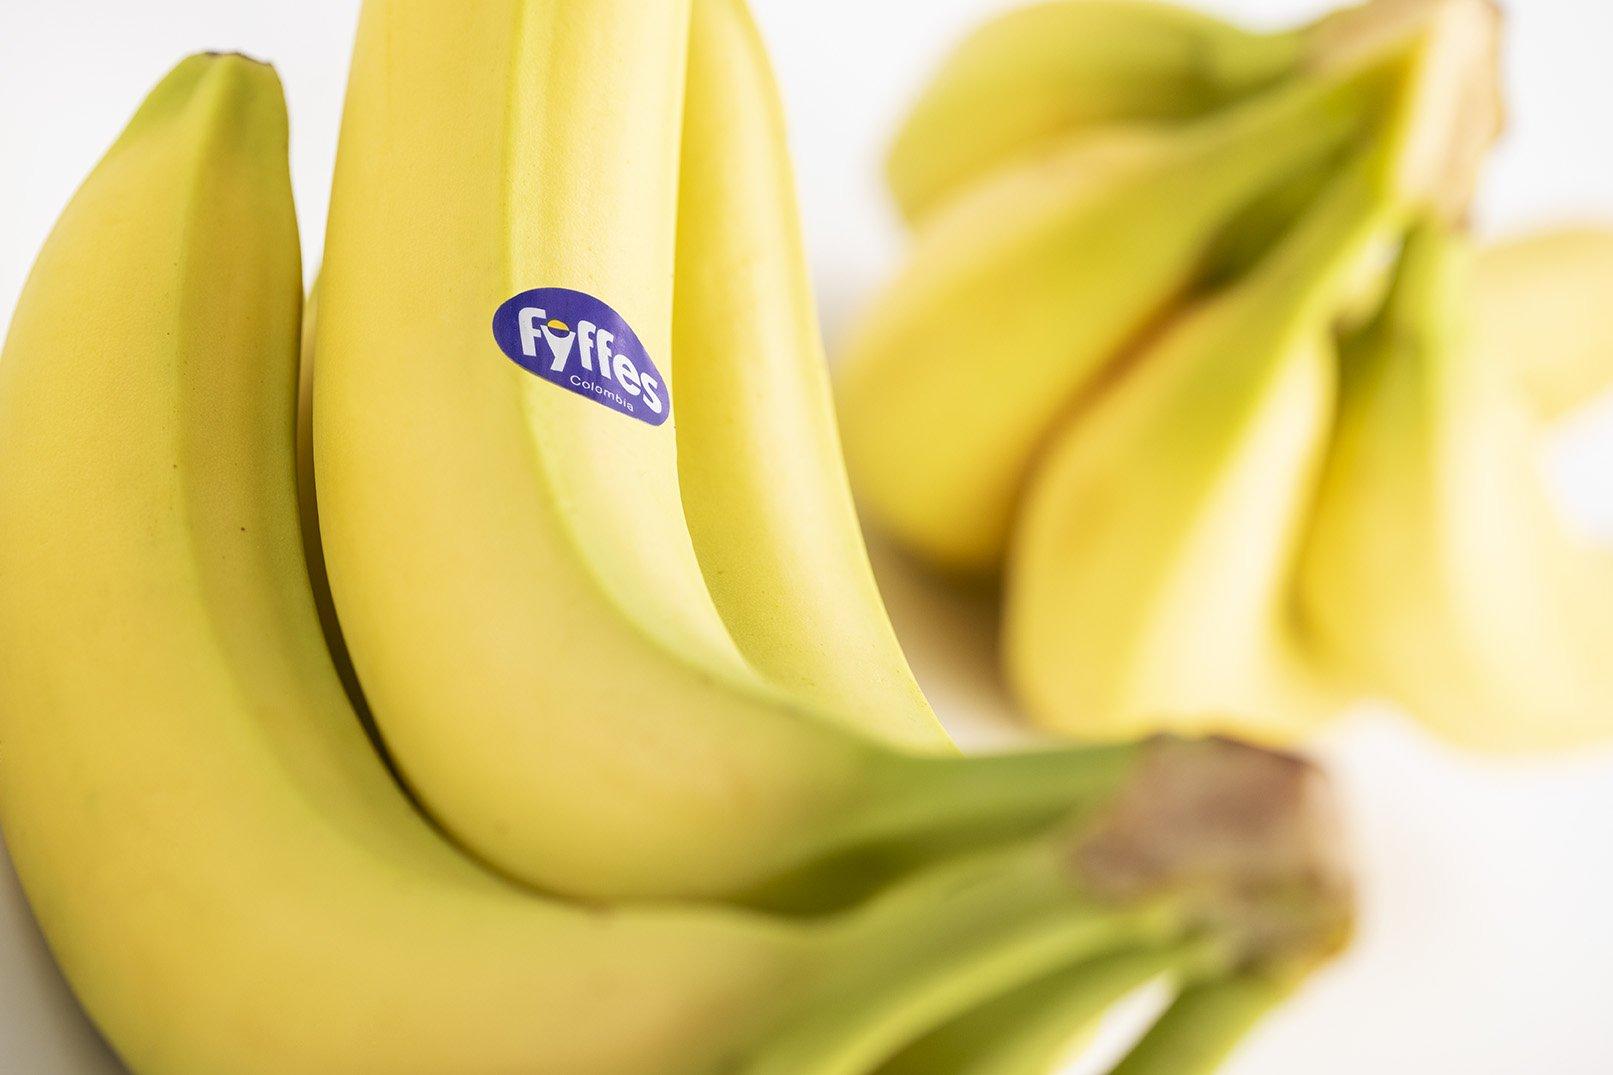 Banane Peviani